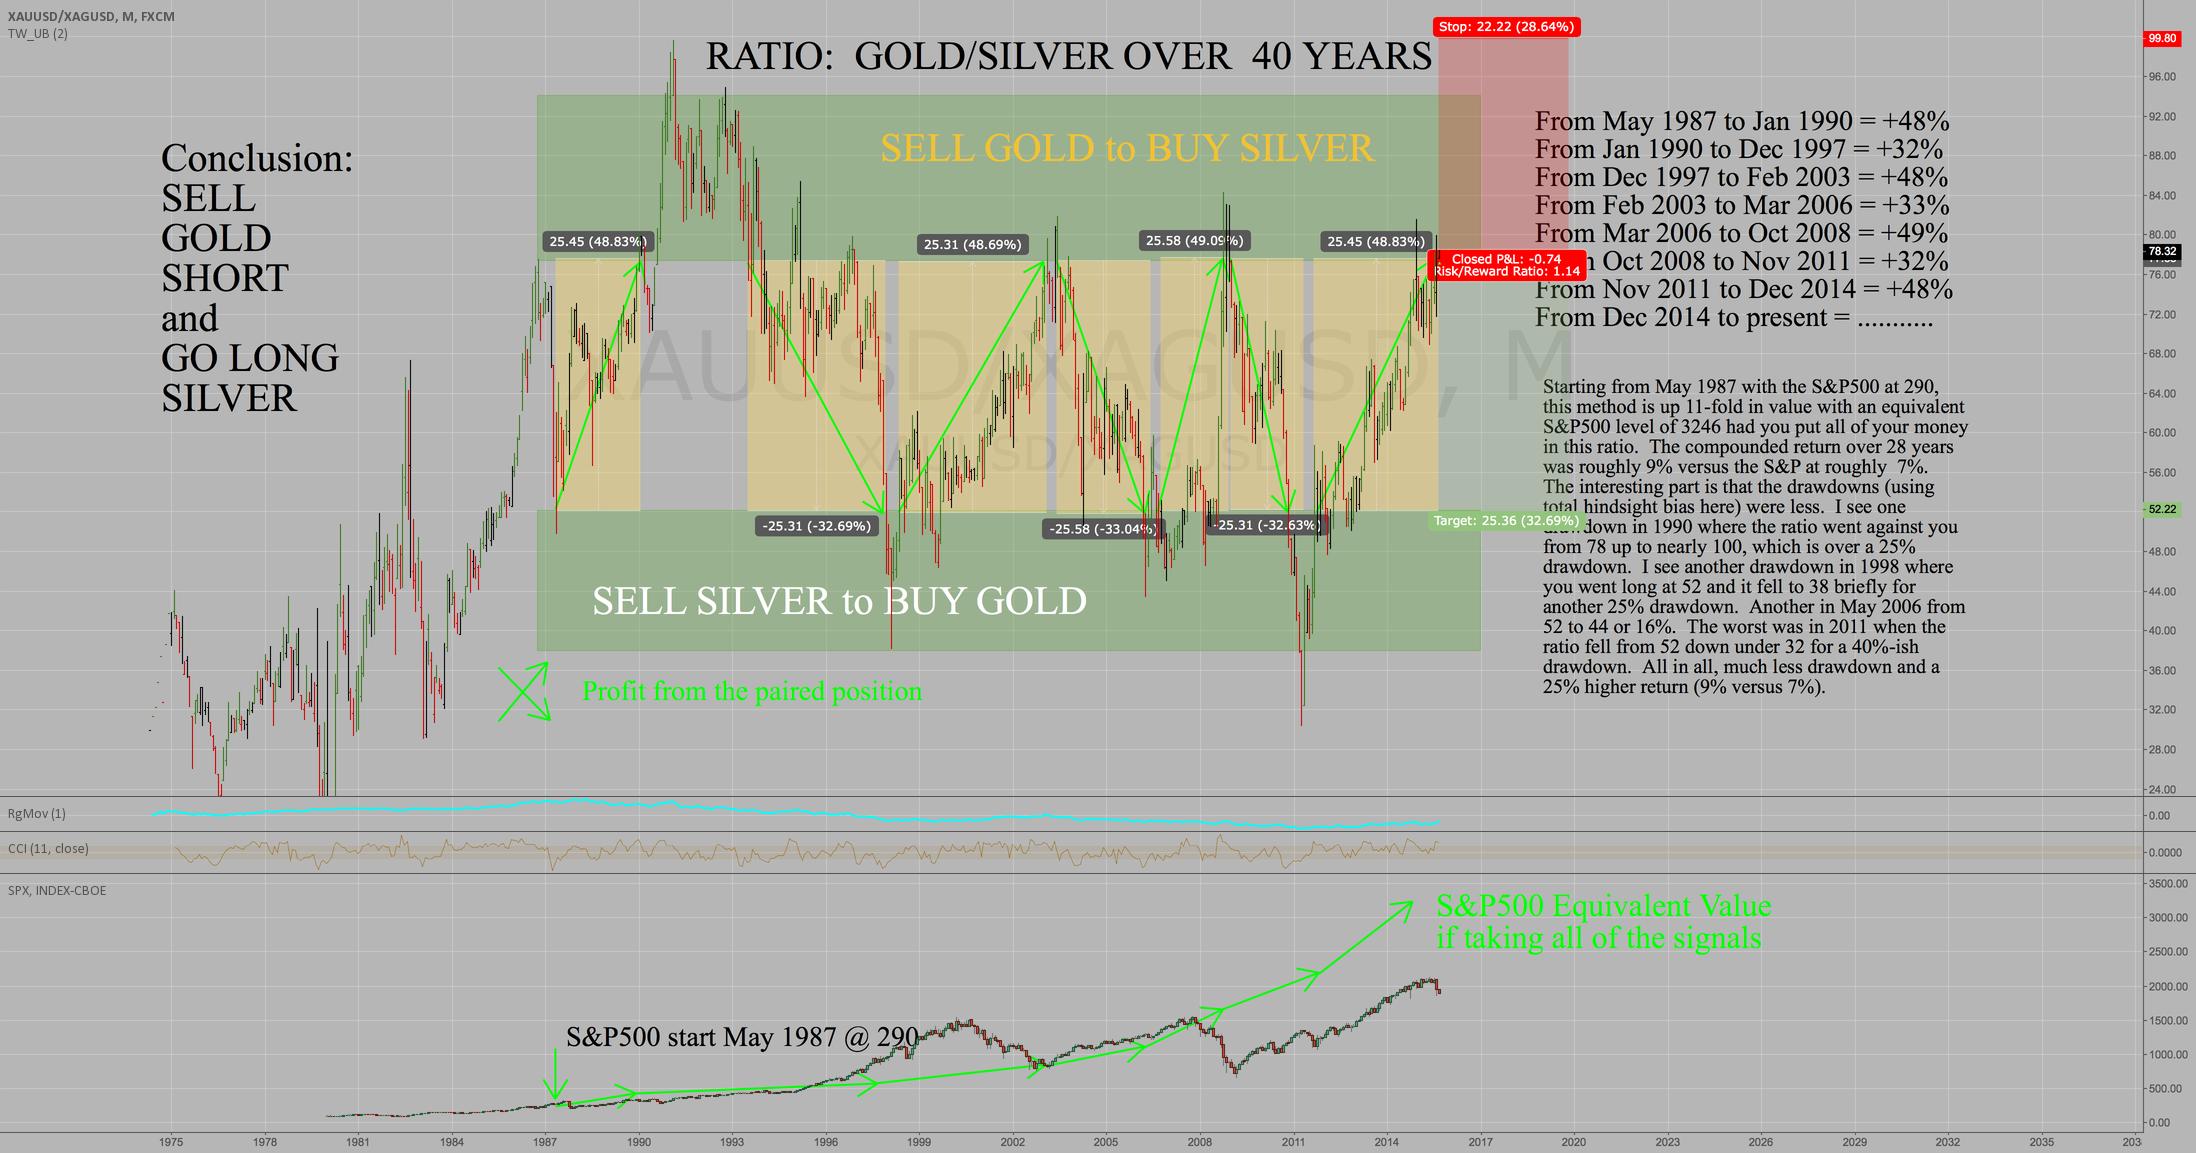 GOLD/SILVER RATIO FLASHING A MAJOR SIGNAL